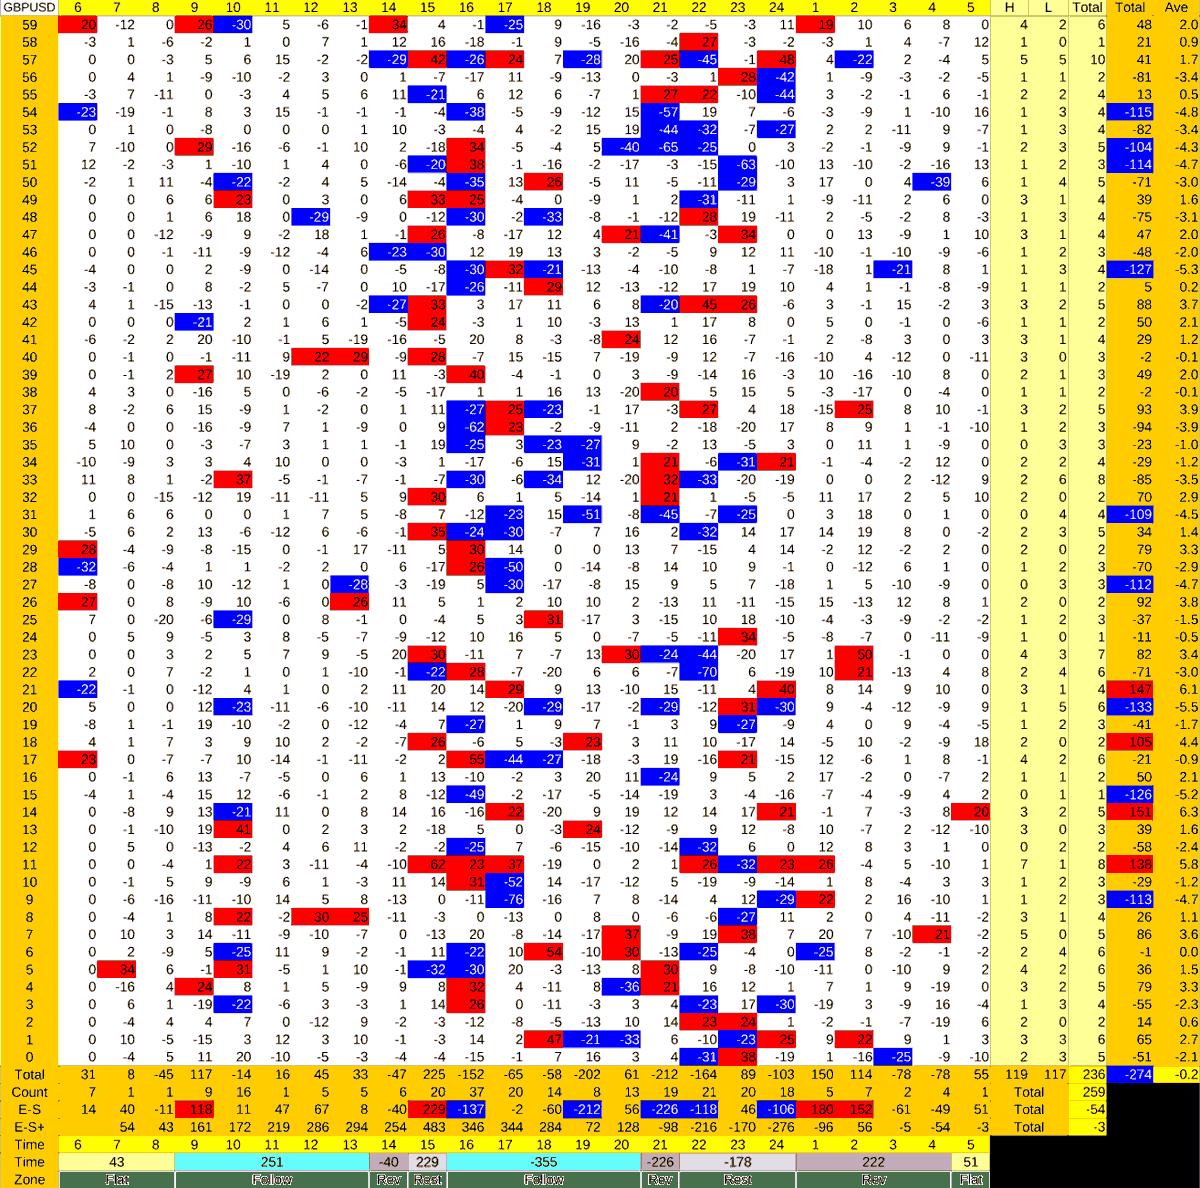 20210525_HS(2)GBPUSD